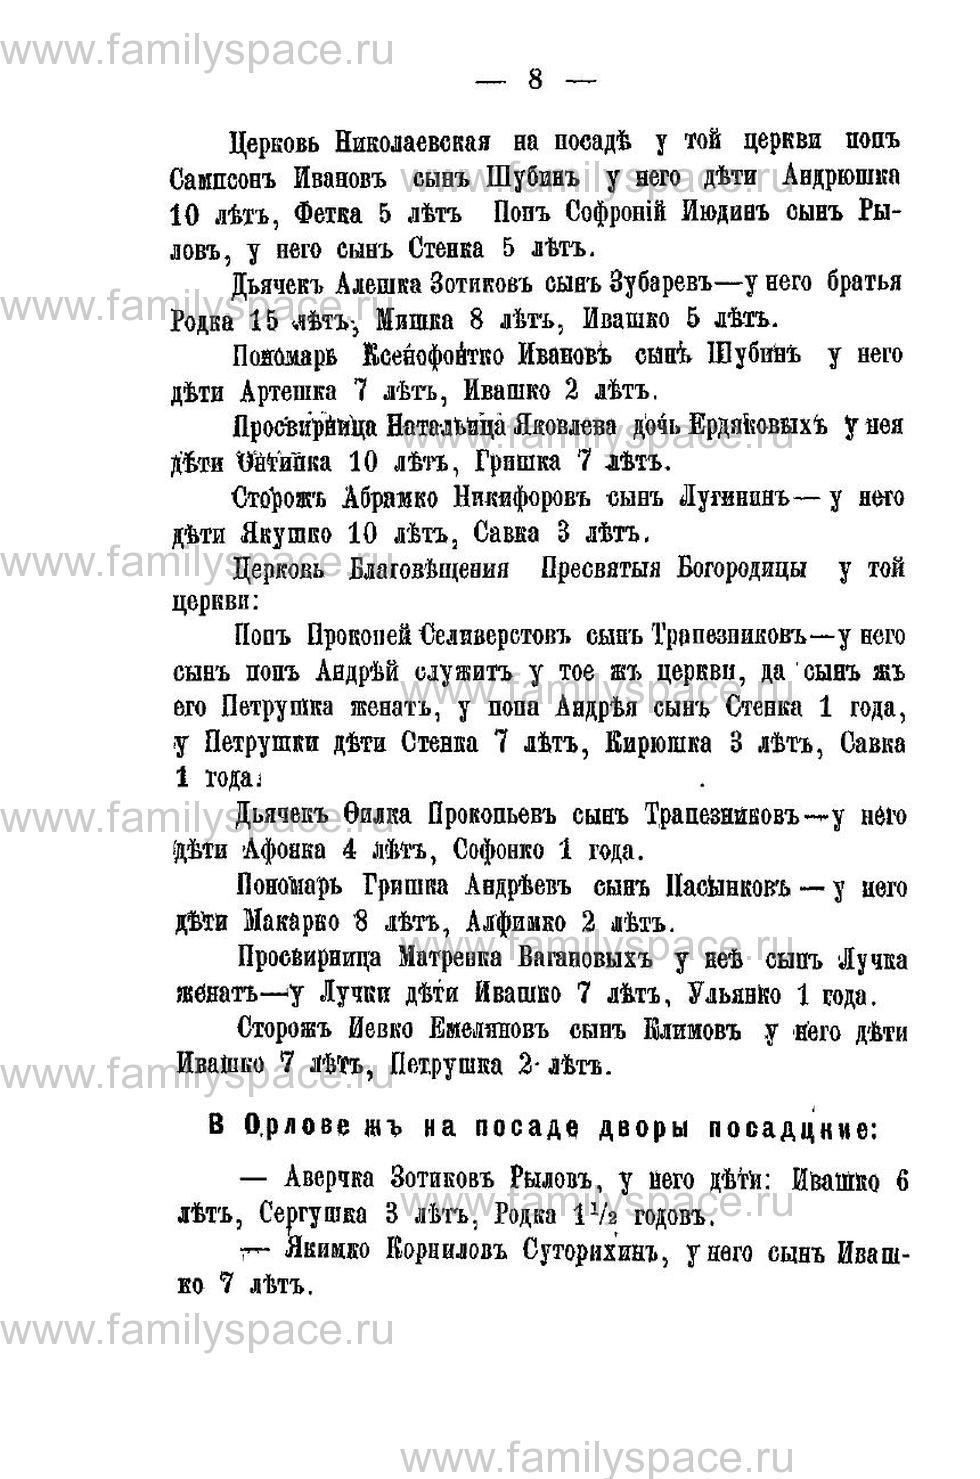 Поиск по фамилии - Переписная книга Орлова и волостей 1678 г, страница 4